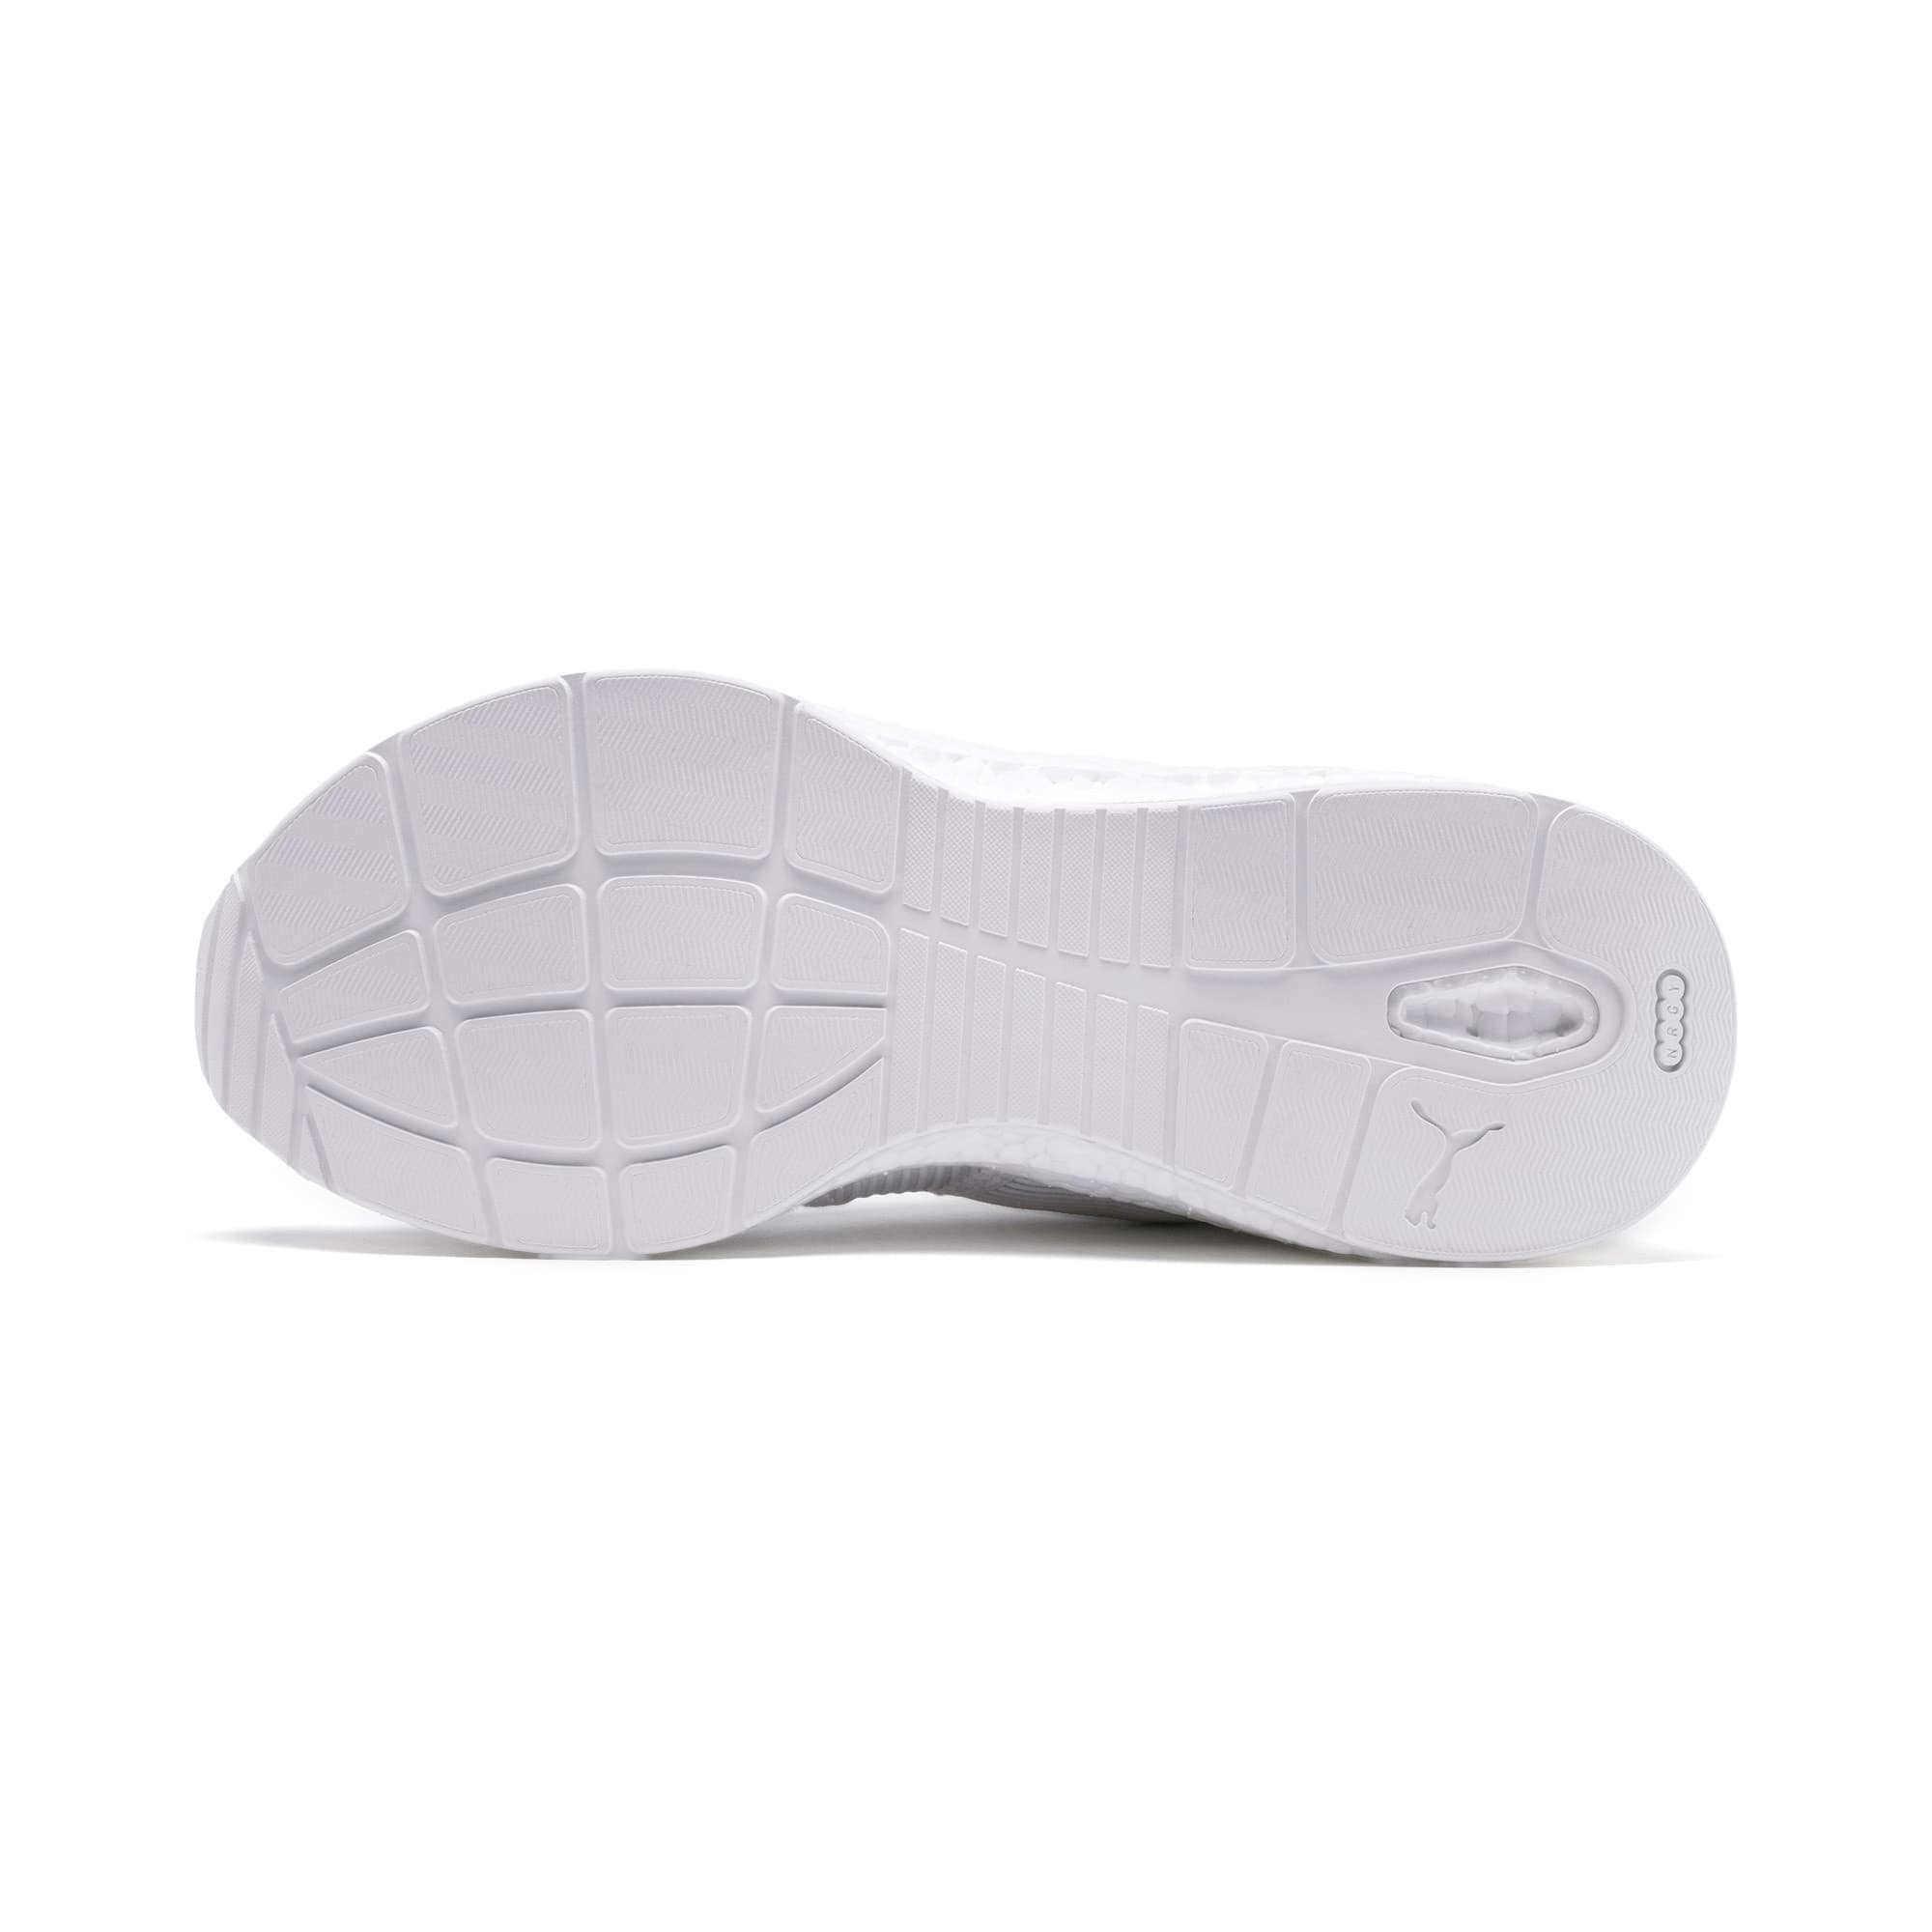 Miniatura 5 de Zapatos para correr NRGY Star Femme para mujer, Puma White-Puma Silver, mediano